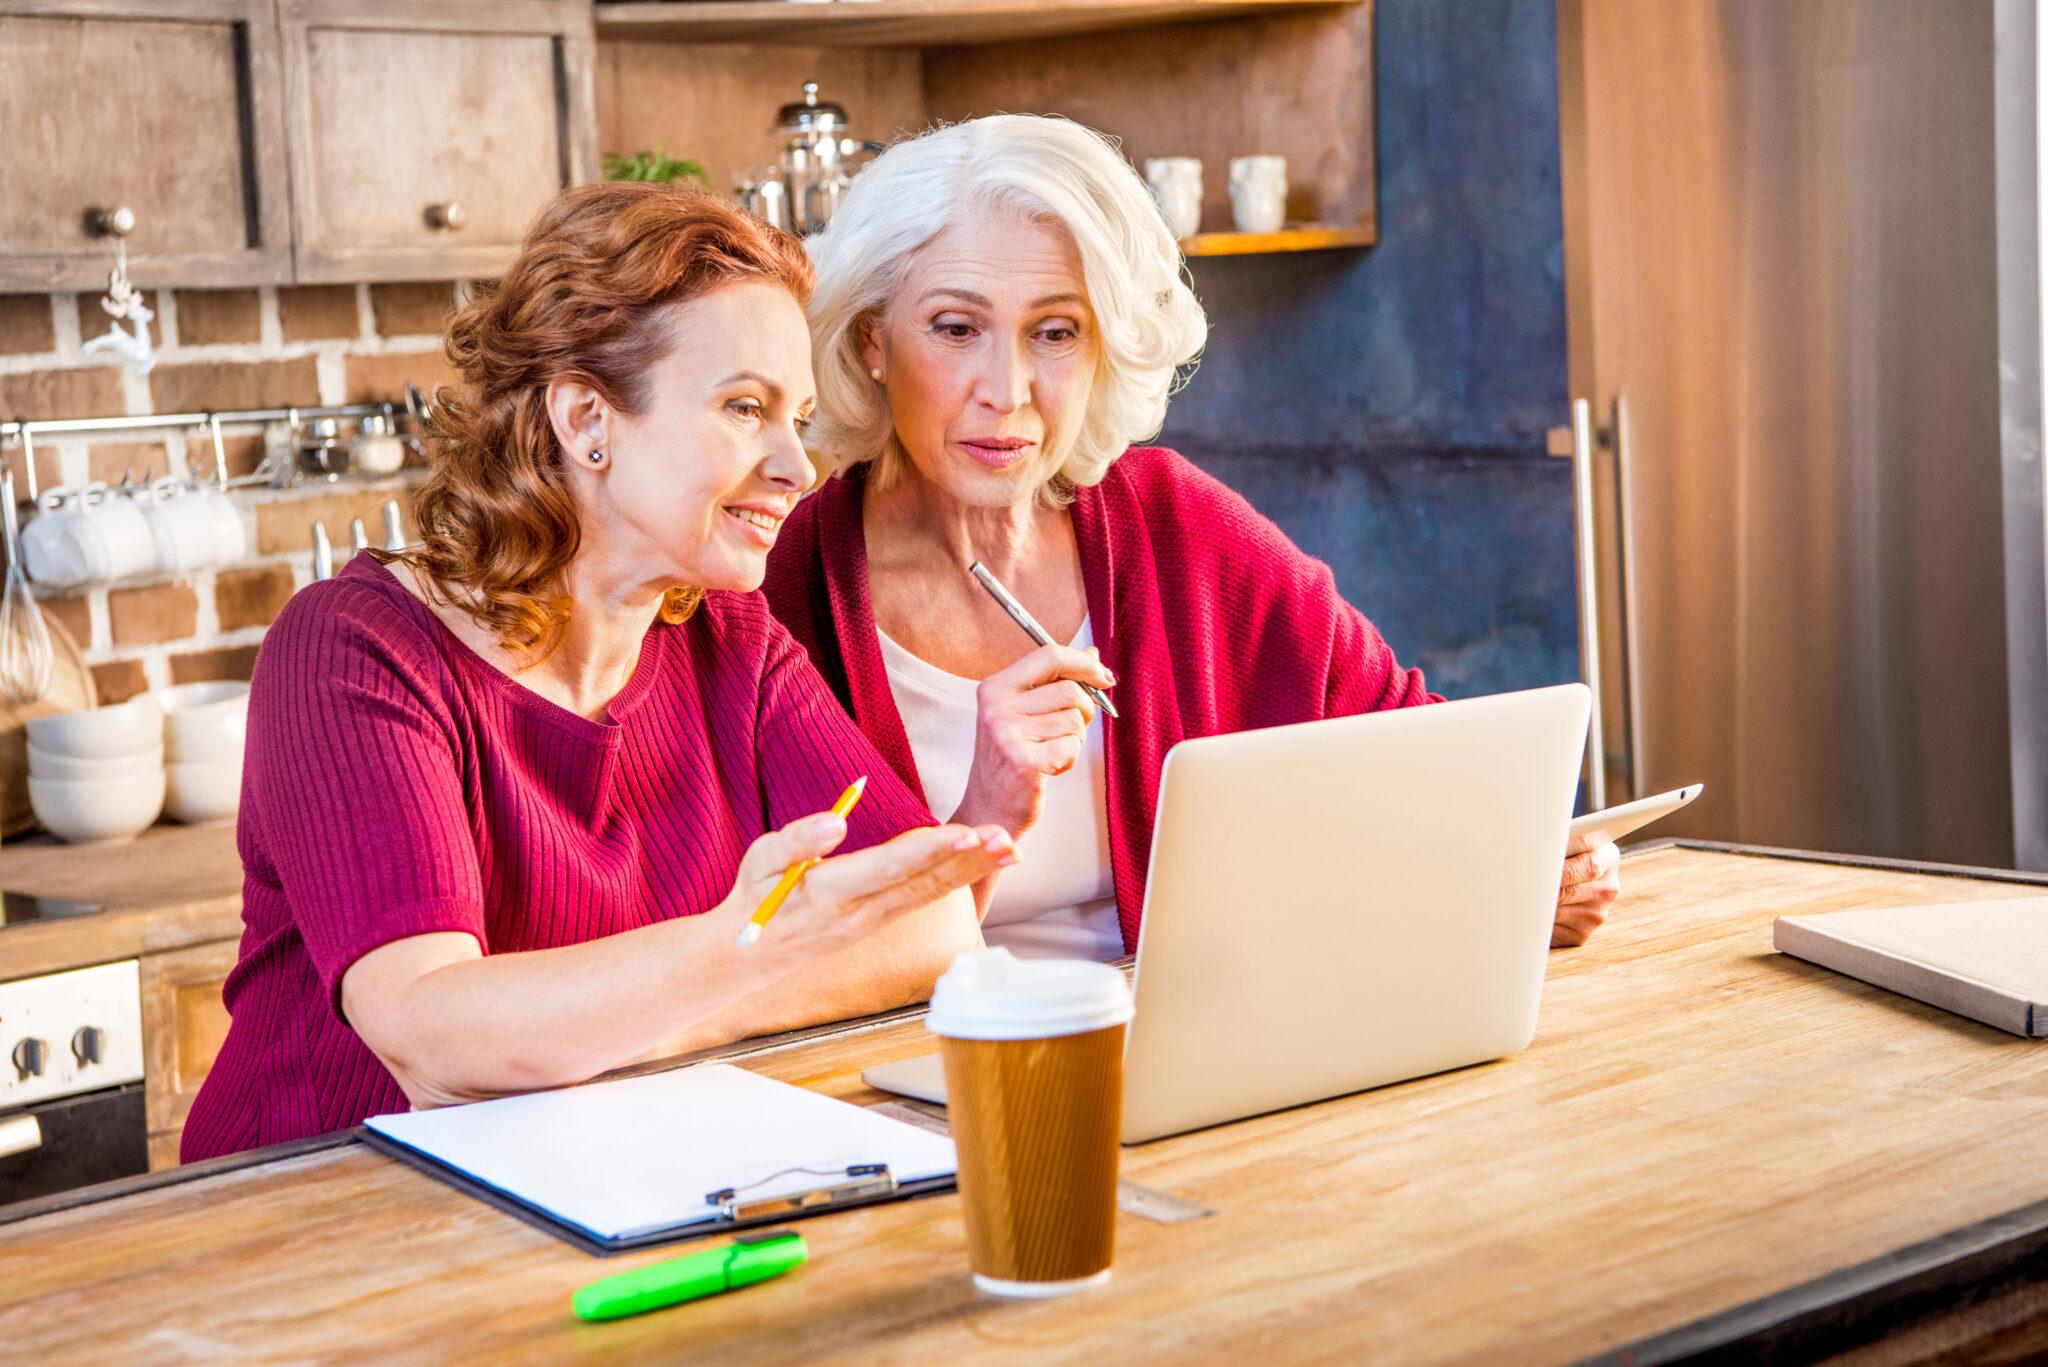 nietrzymanie moczu, poradnik - dwie kobiety w średnim wieku, jedna siwa, druga brązowowłosa, obie ładne i ubrane w czerwone sweterki, siedzą w kuchni przy stole, obok otwartego laptopa i szukają informacji na temat radzenia sobie z kontrolą nad pęcherzem